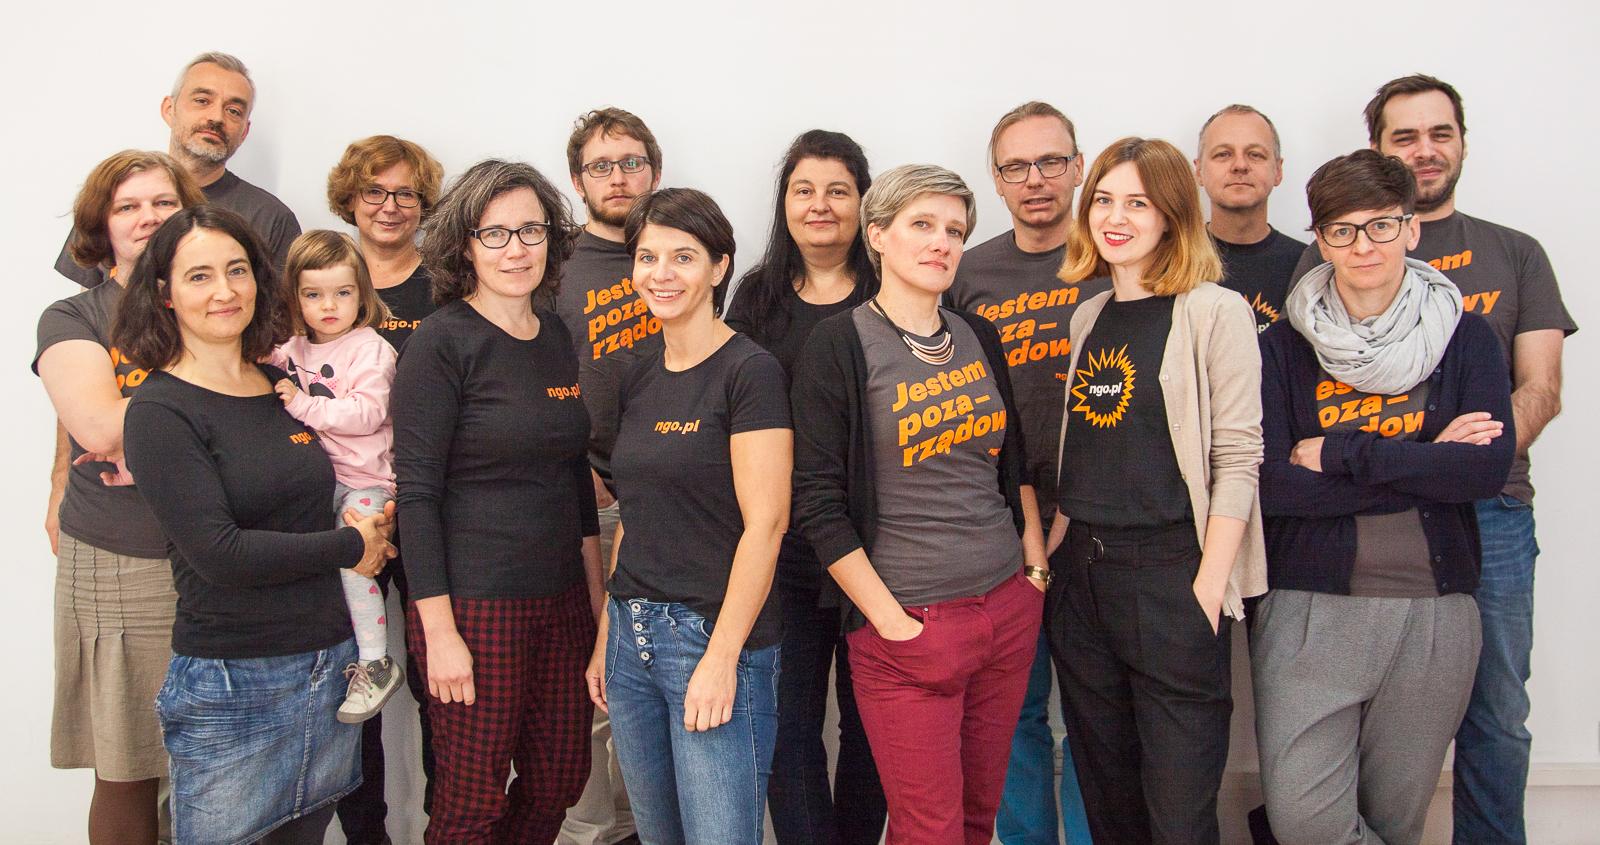 Pracownicy i pracowniczki portalu ngo.pl w (prawie) pełnym składzie